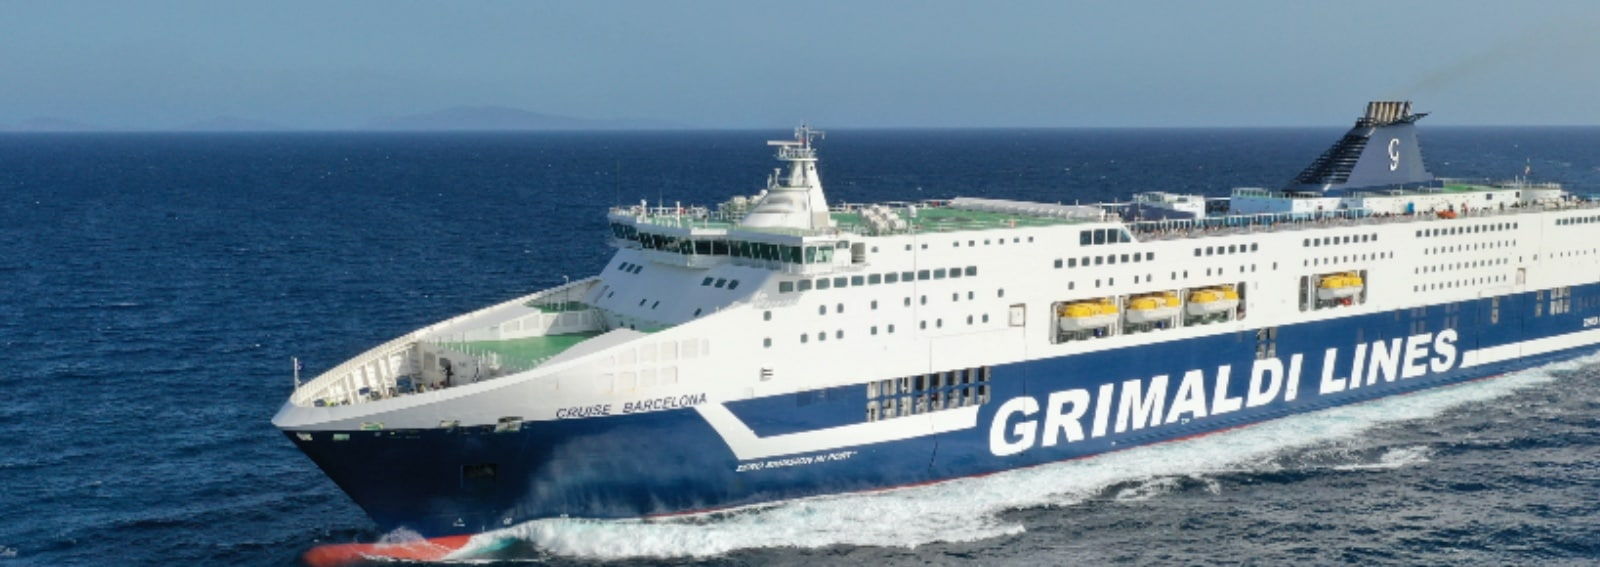 Grimaldi promo